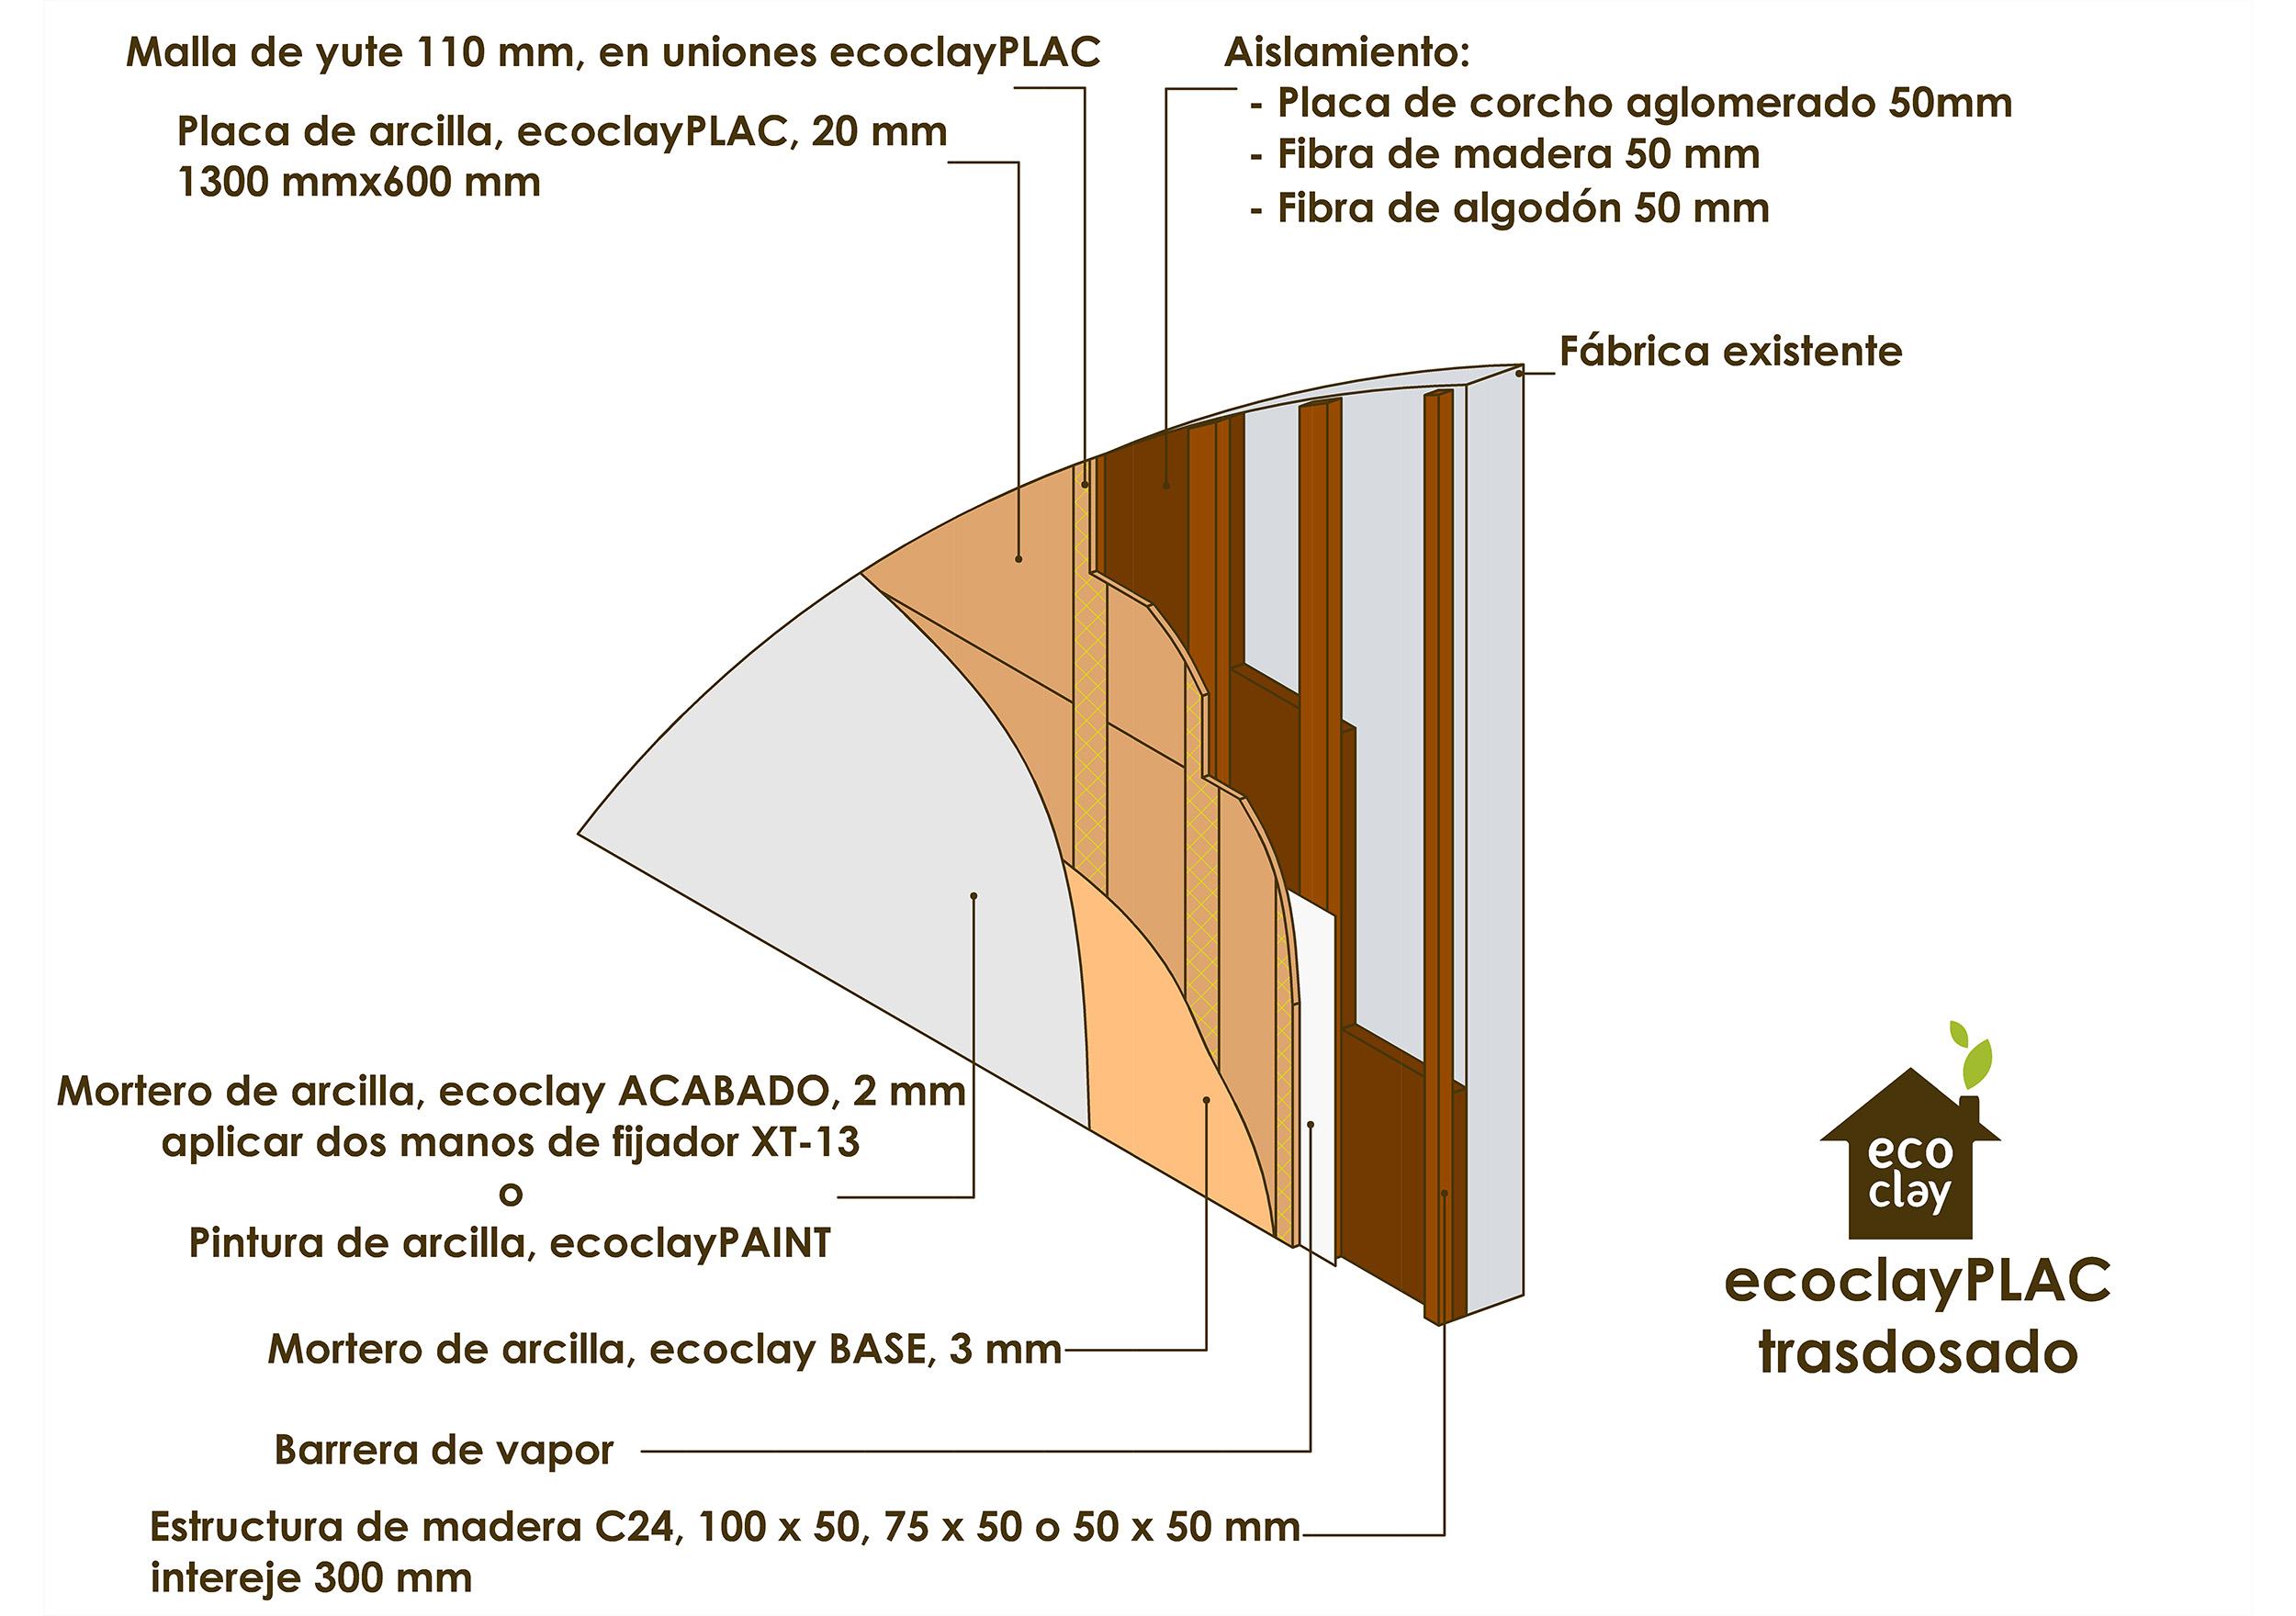 ecoclayPLAC trasdosado